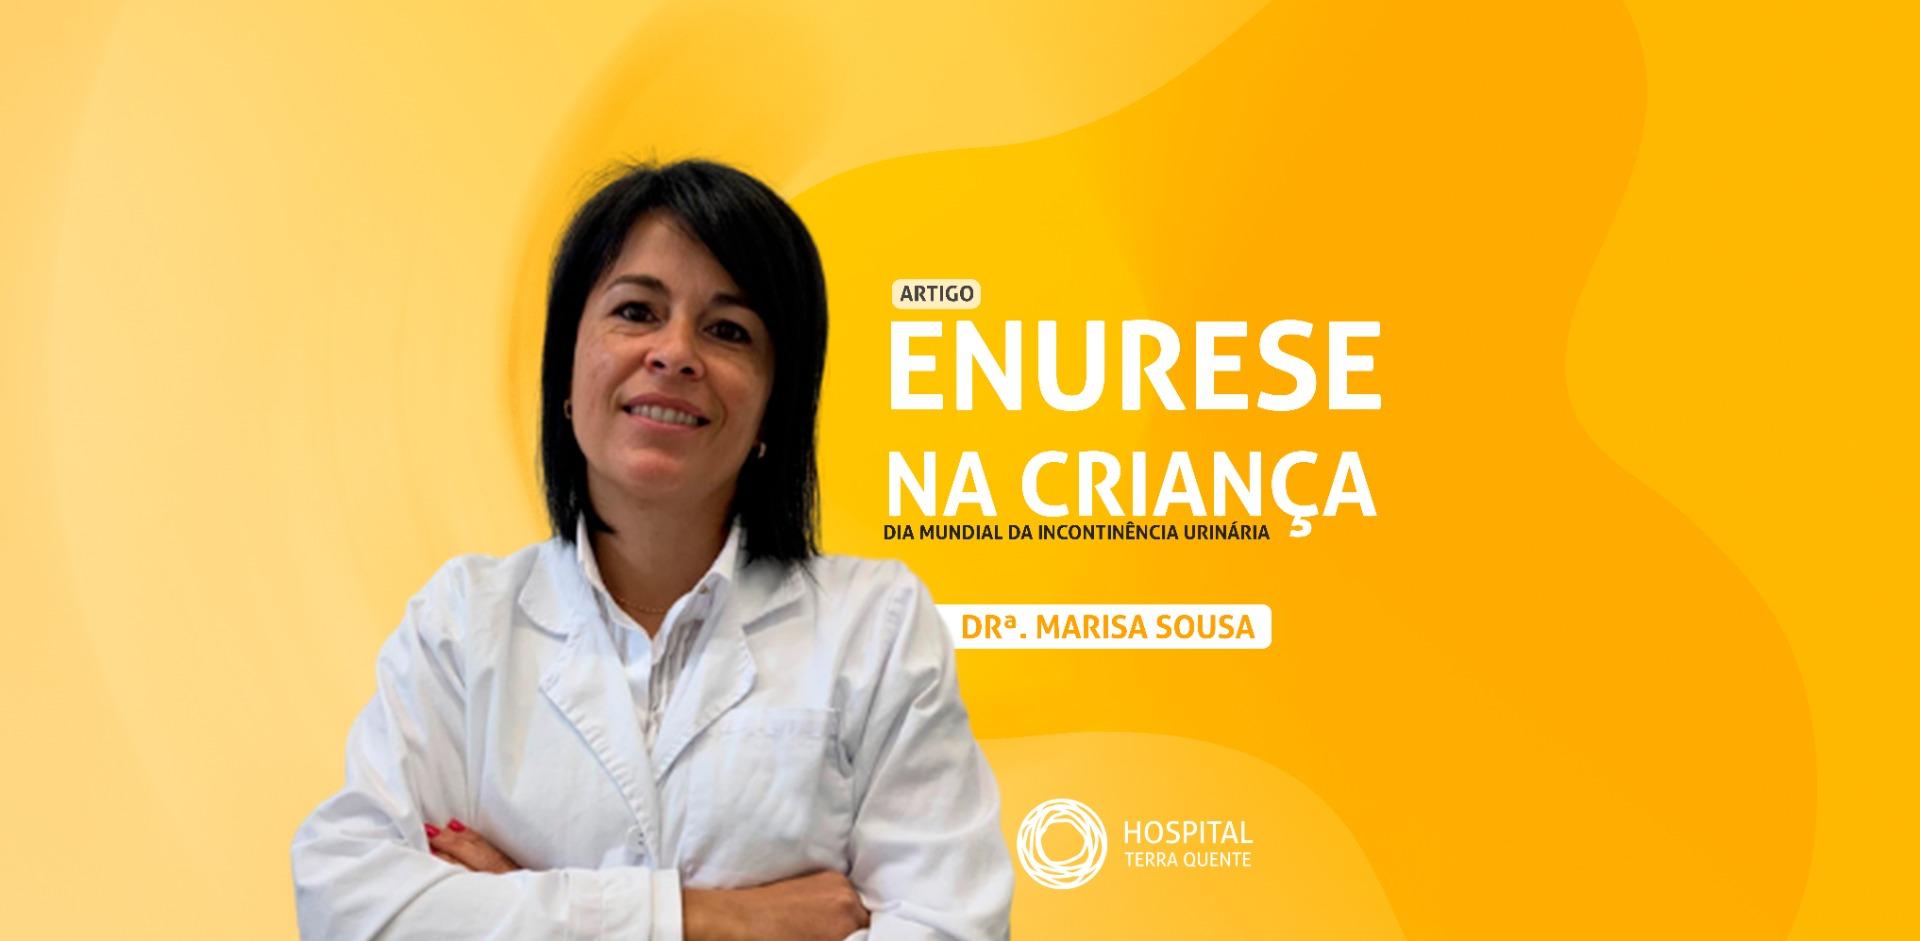 Dra Marisa Sousa: Enurese na Criança